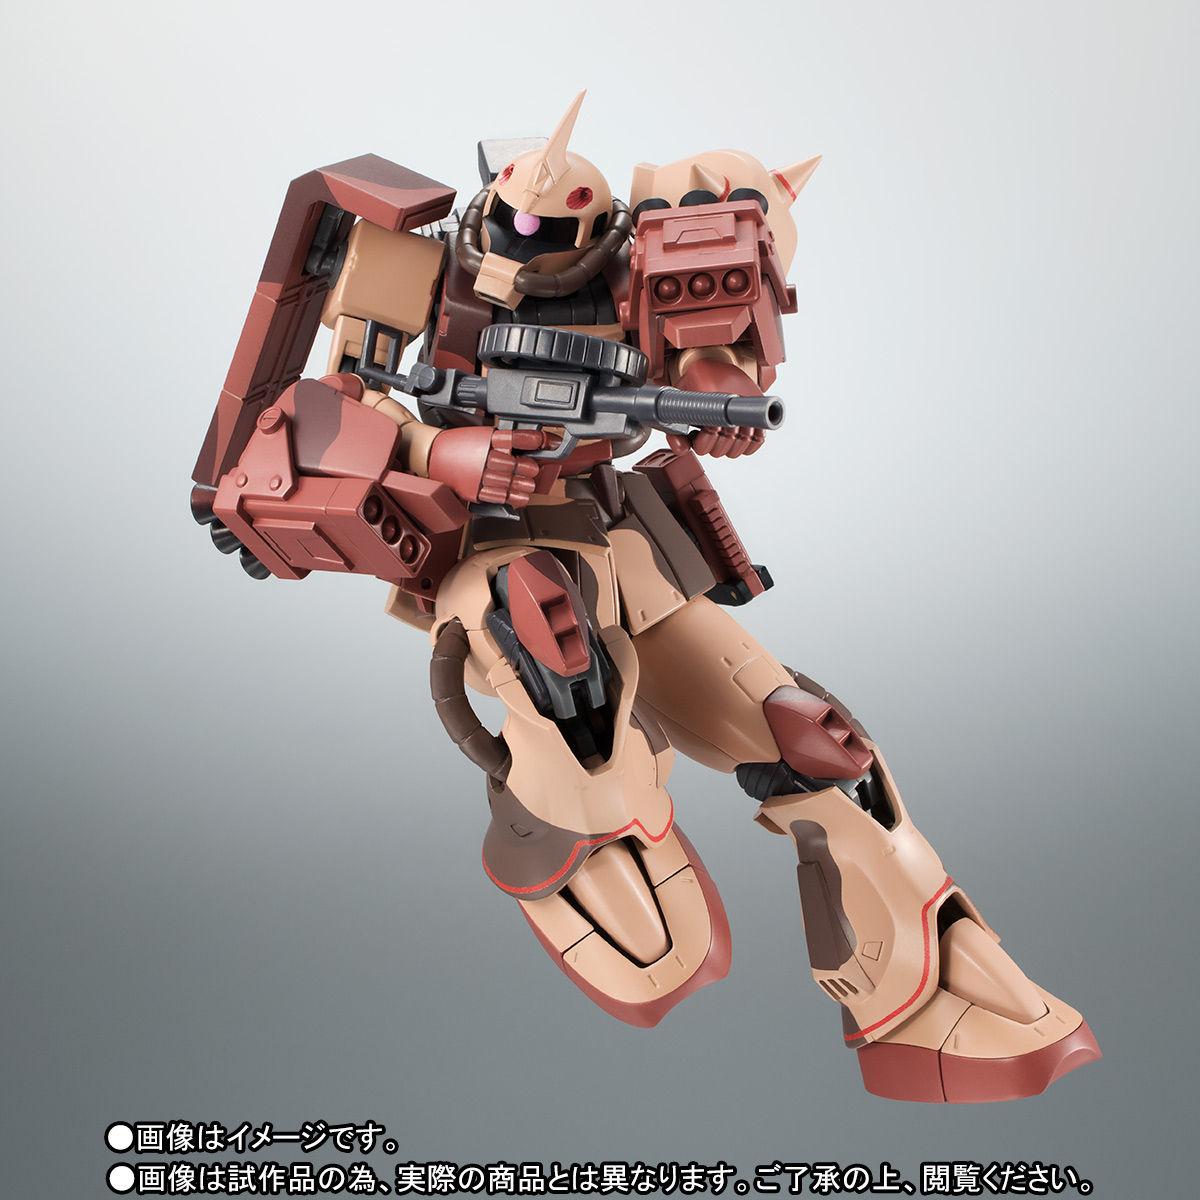 ROBOT魂〈SIDE MS〉『MS-06D ザク・デザートタイプ カラカル隊所属機』ガンダム モビルスーツバリエーション(MSV)可動フィギュア-007